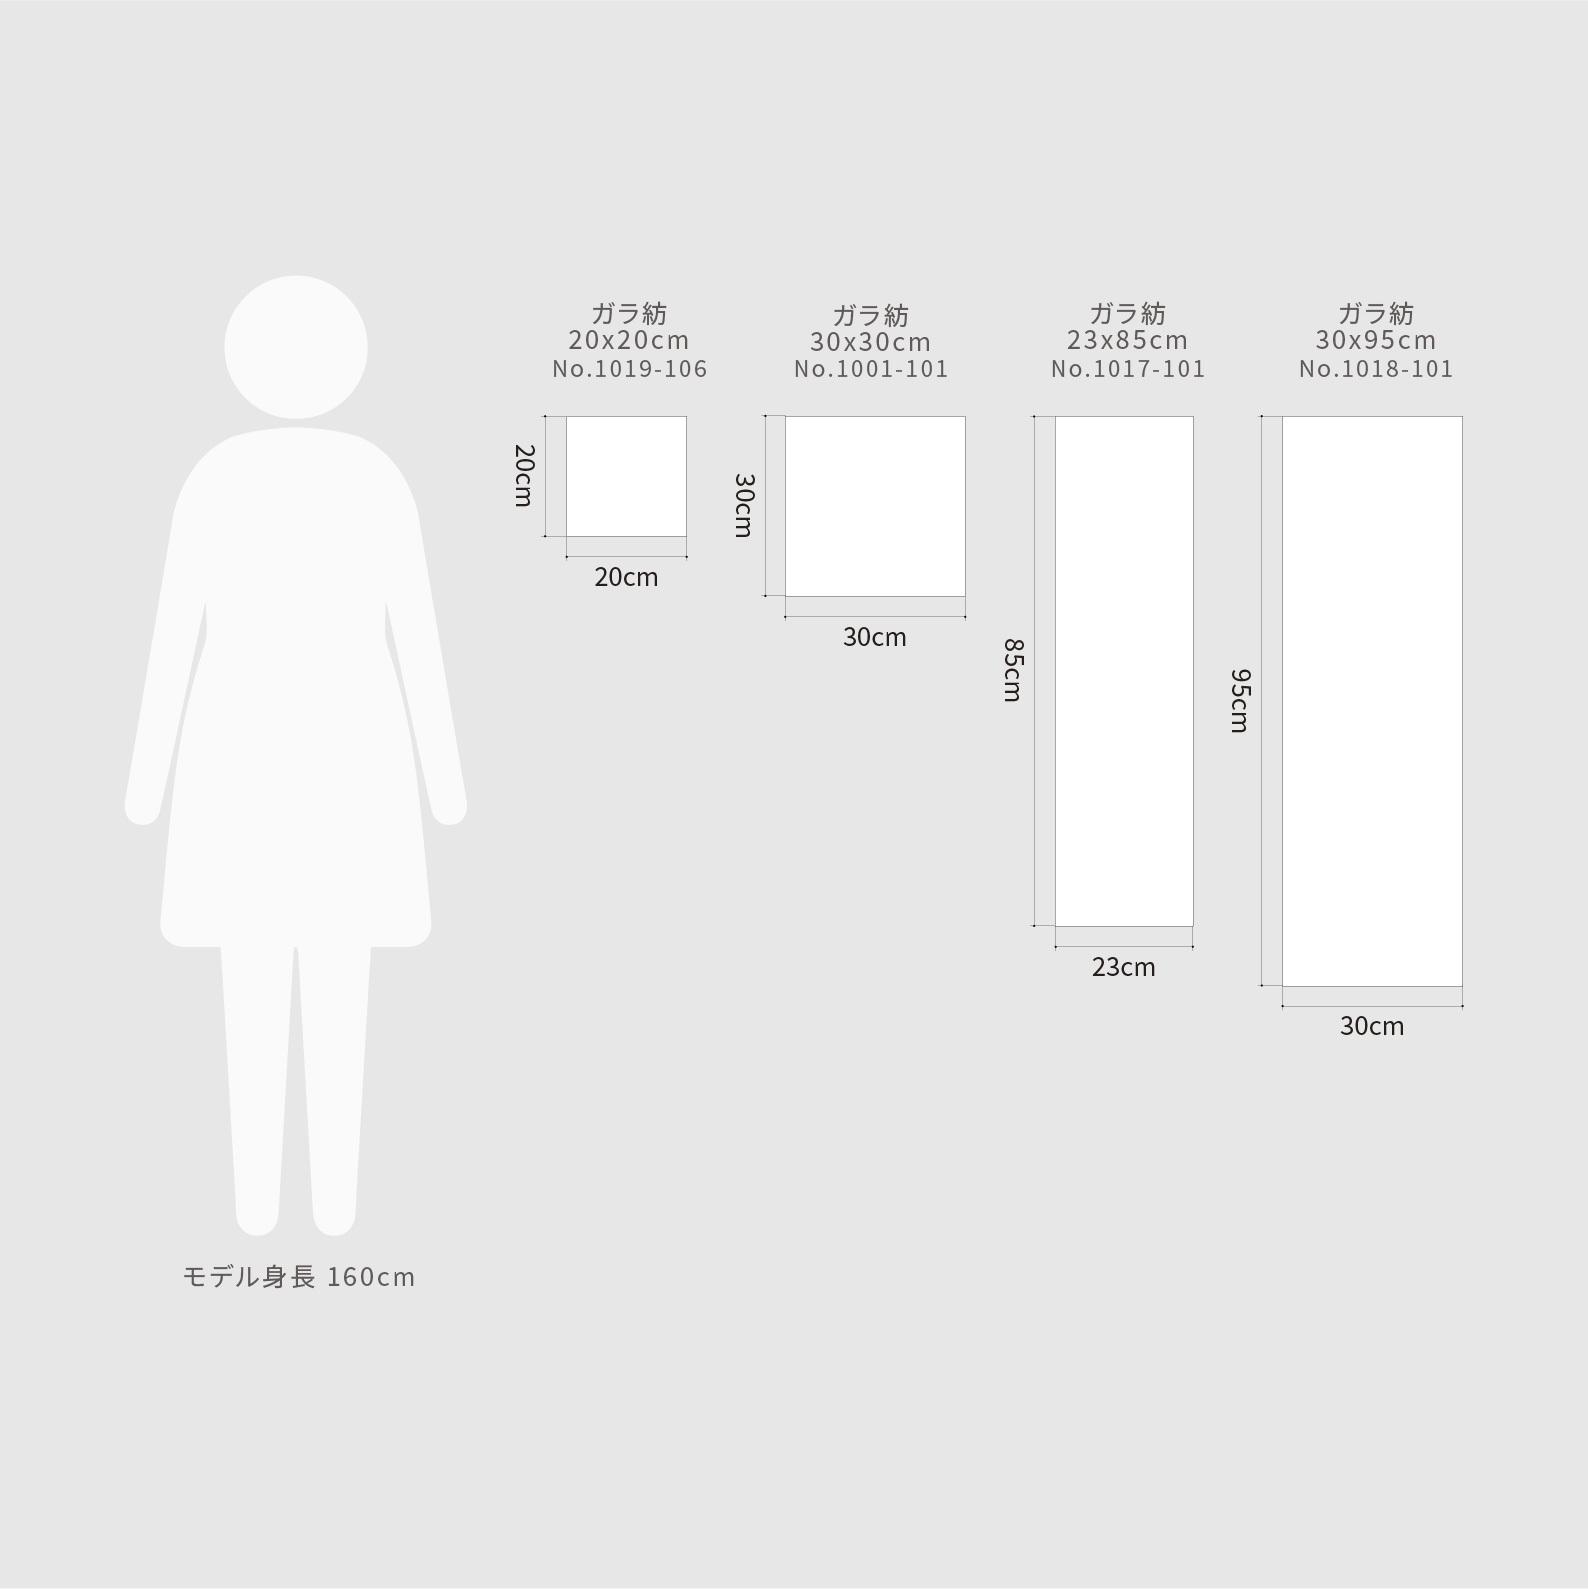 湯船でゆったり温まった後は、和紡布で肌を磨きましょう!|ガラ紡の健康タオル mini